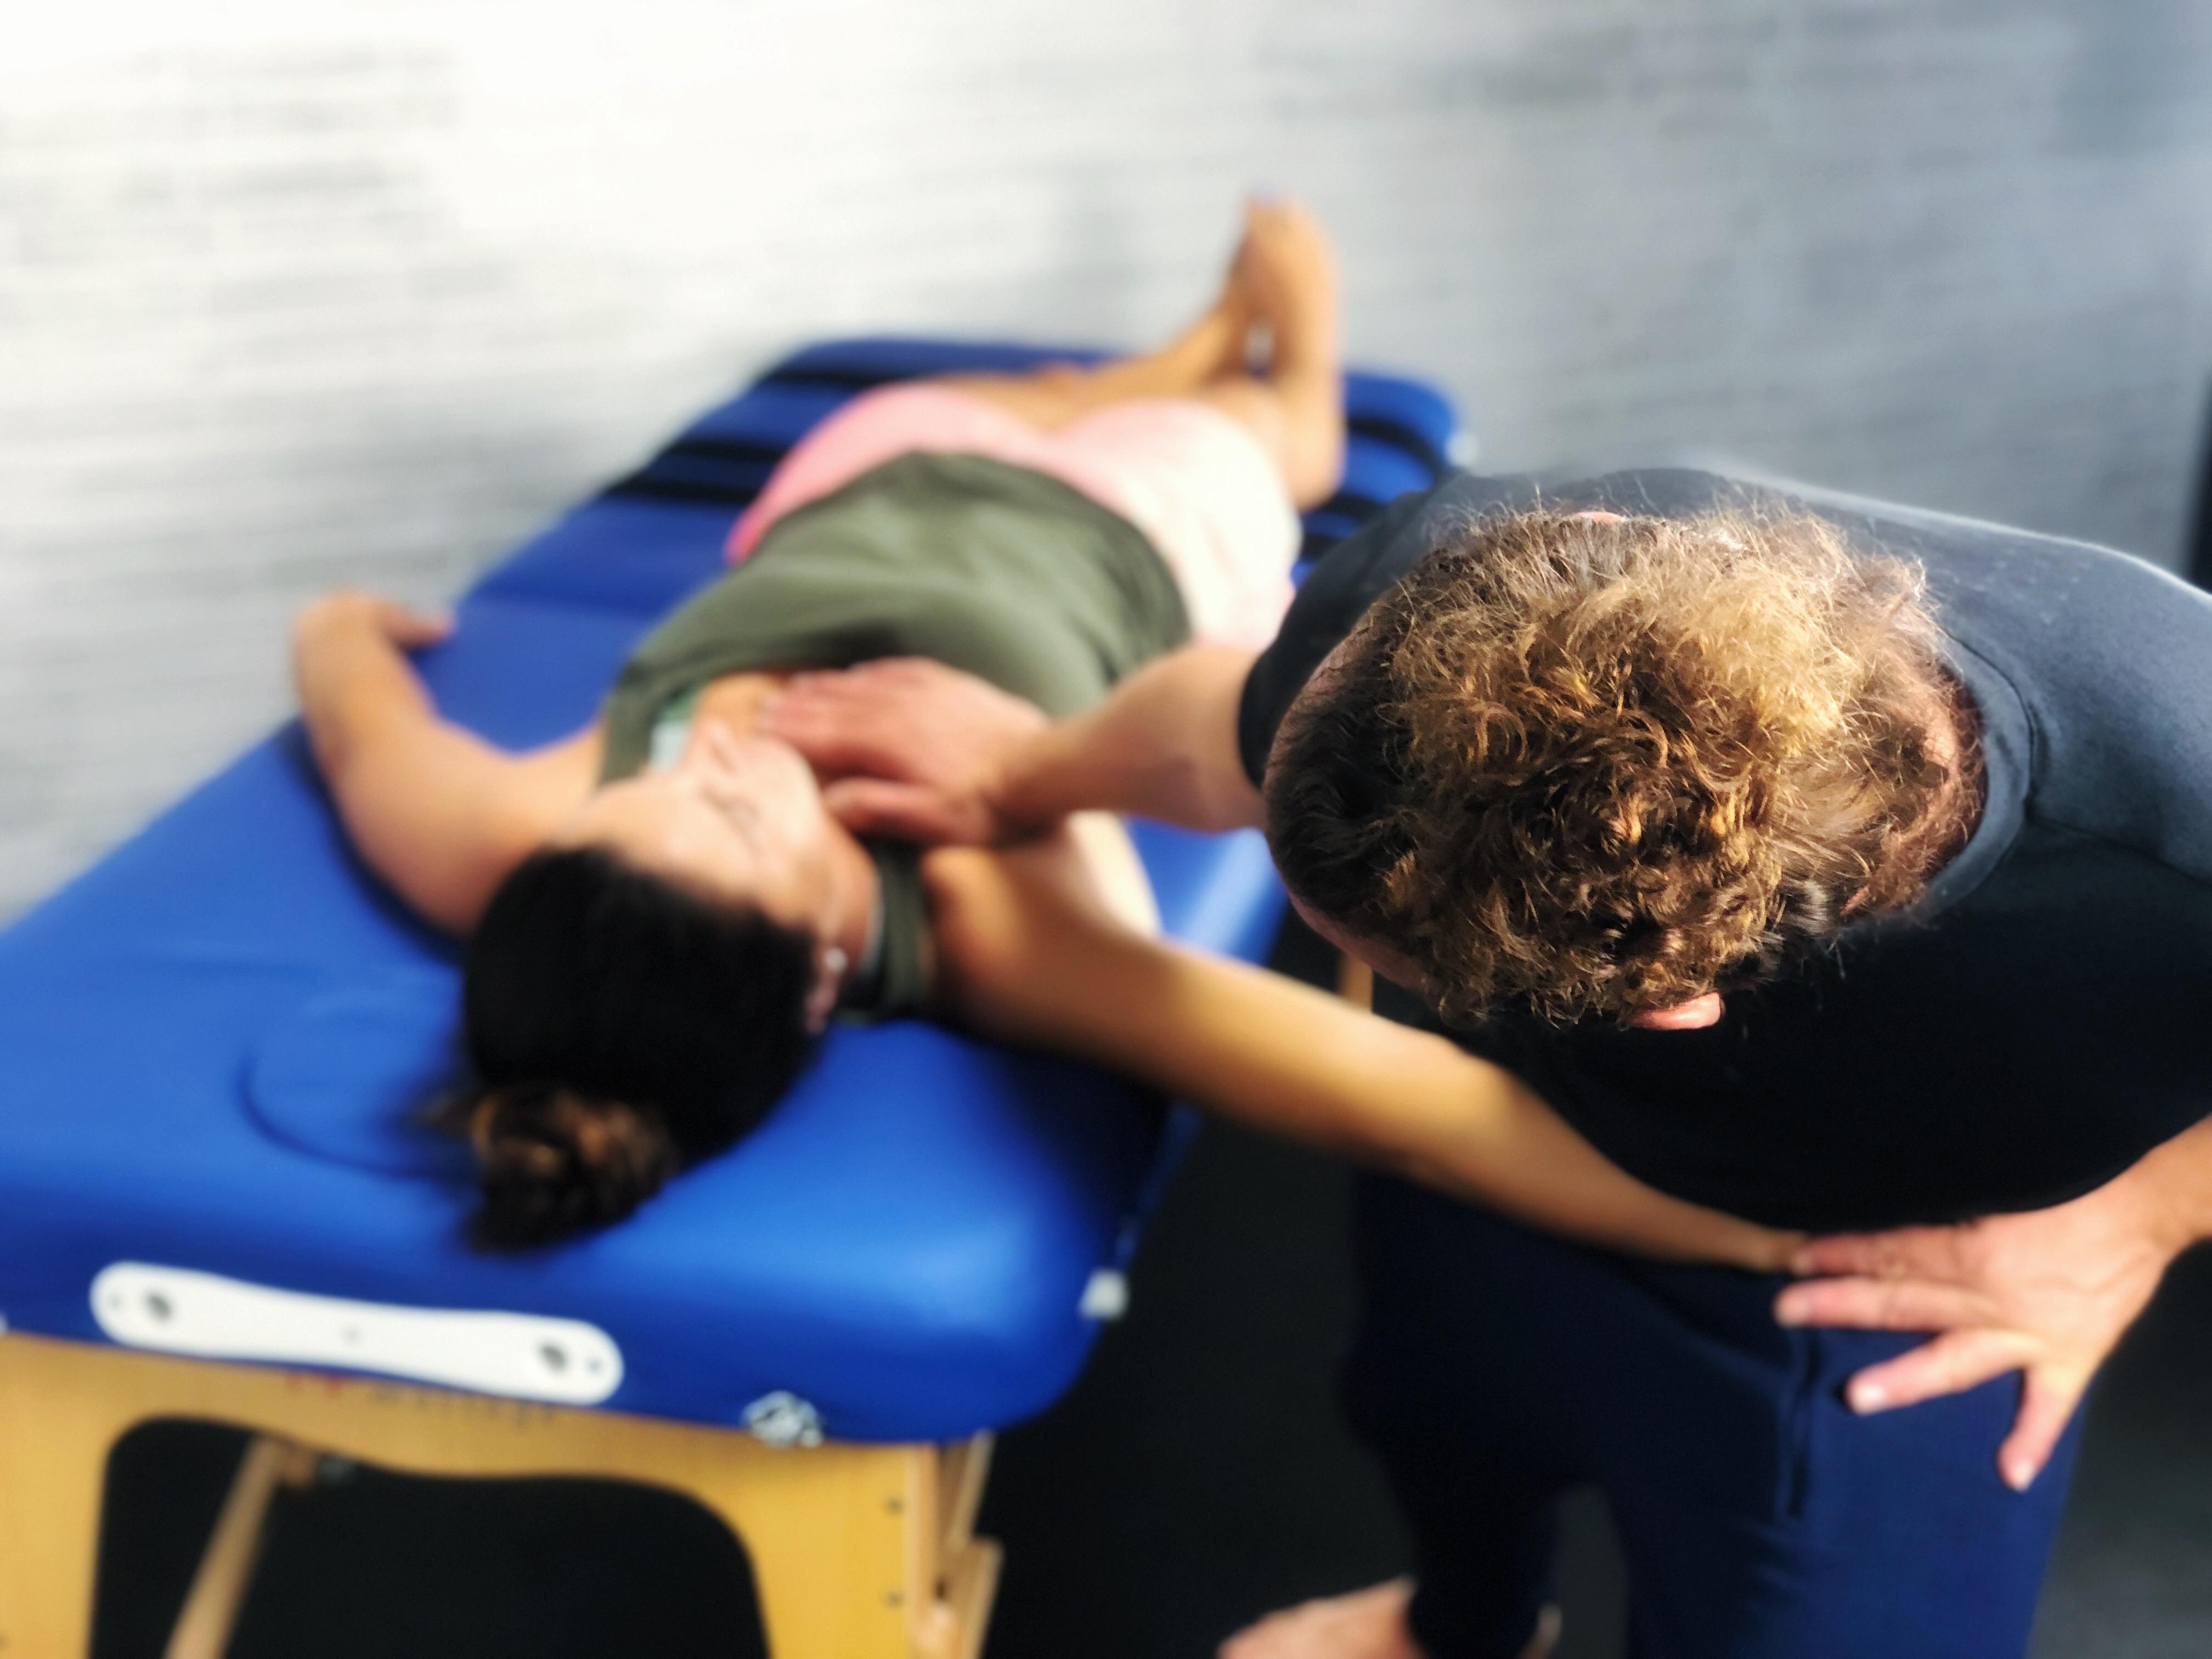 Patientin auf Behandlungsliege bei einer stretchme Session